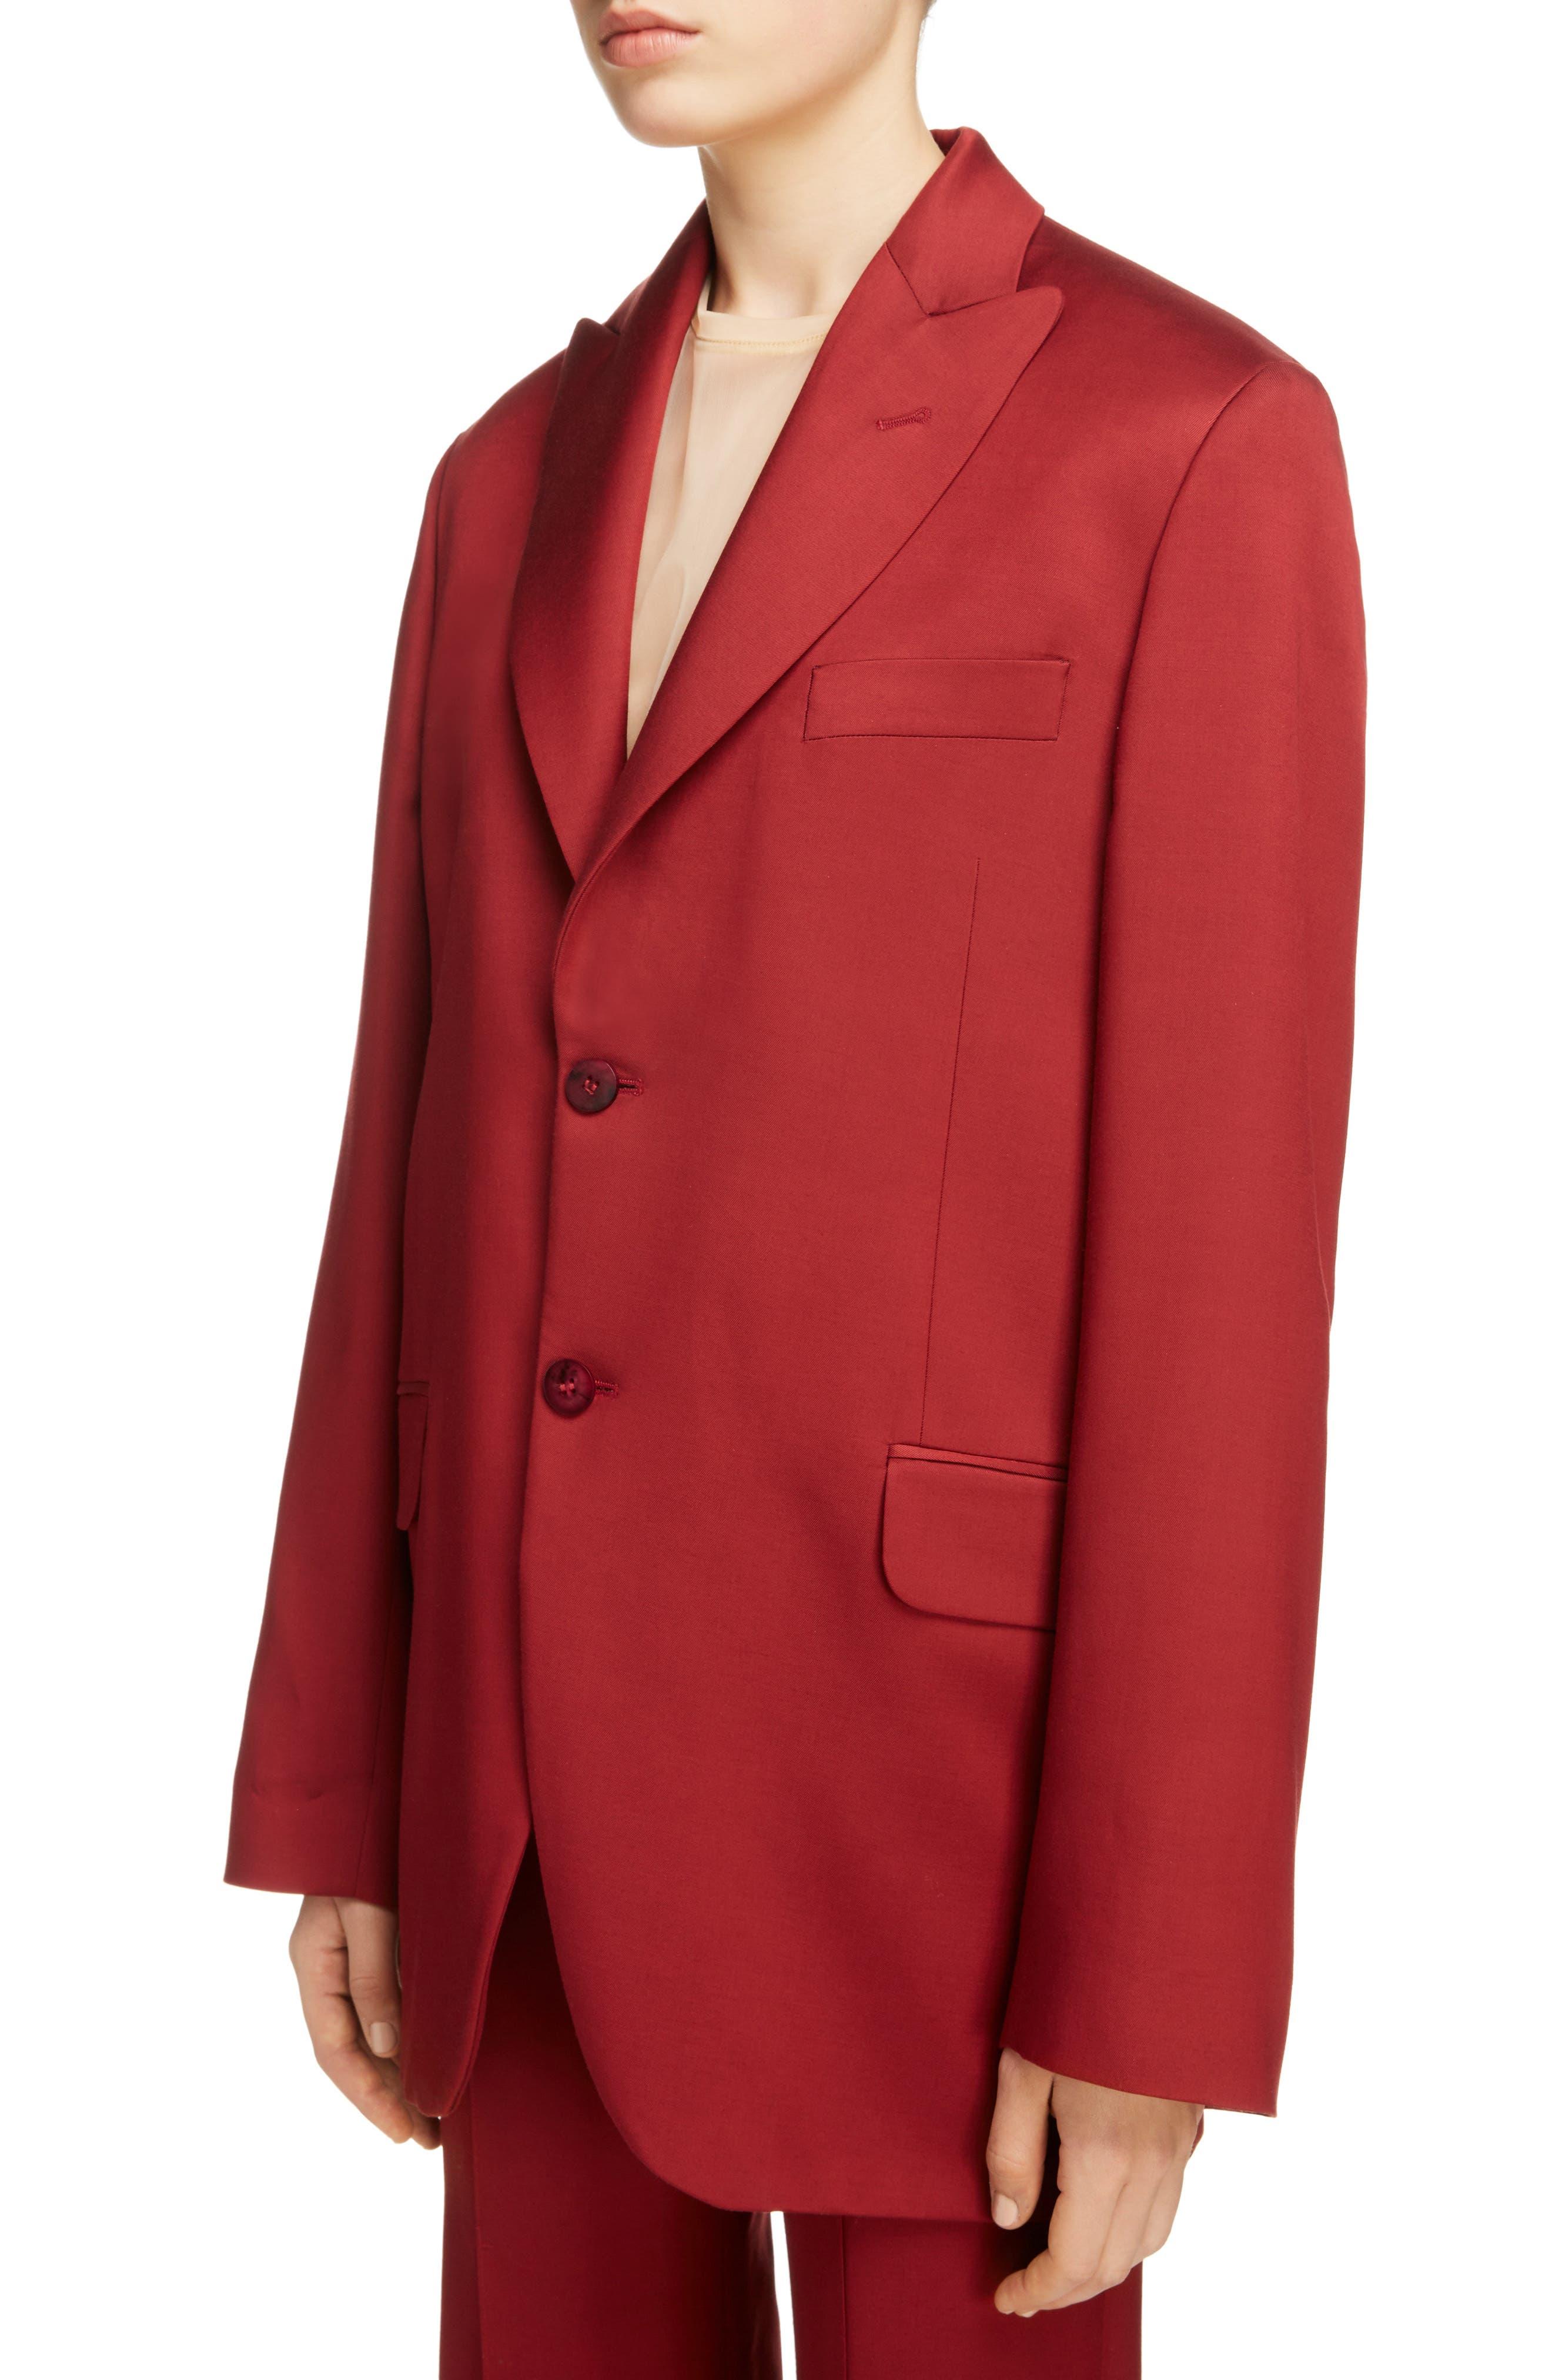 Jaria Suit Jacket,                             Alternate thumbnail 4, color,                             Crimson Red